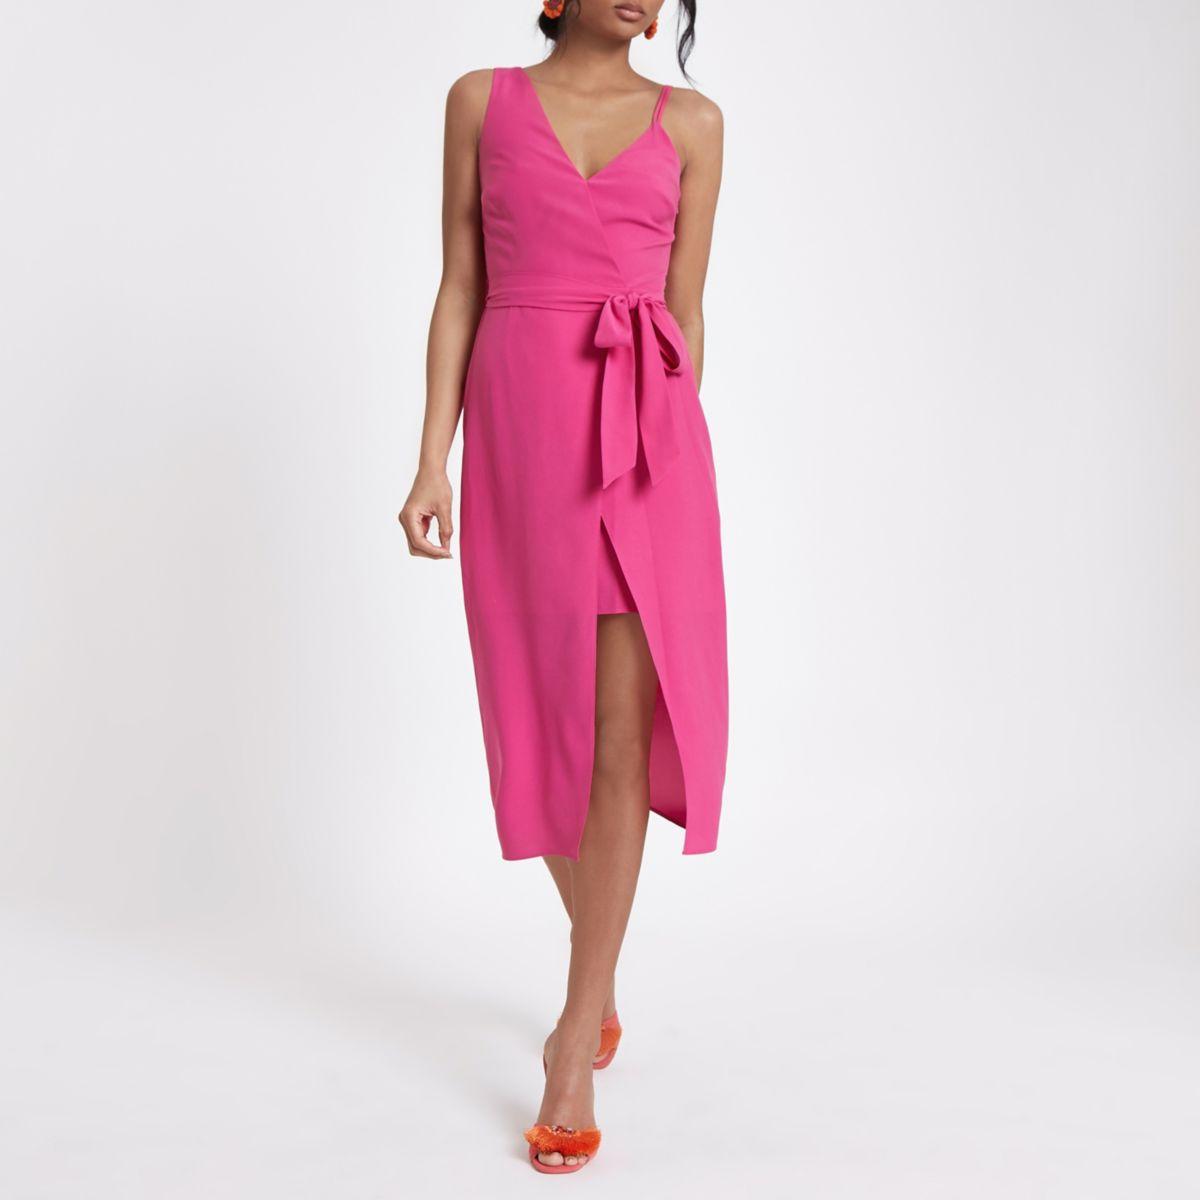 Bright pink one shoulder tie waist dress